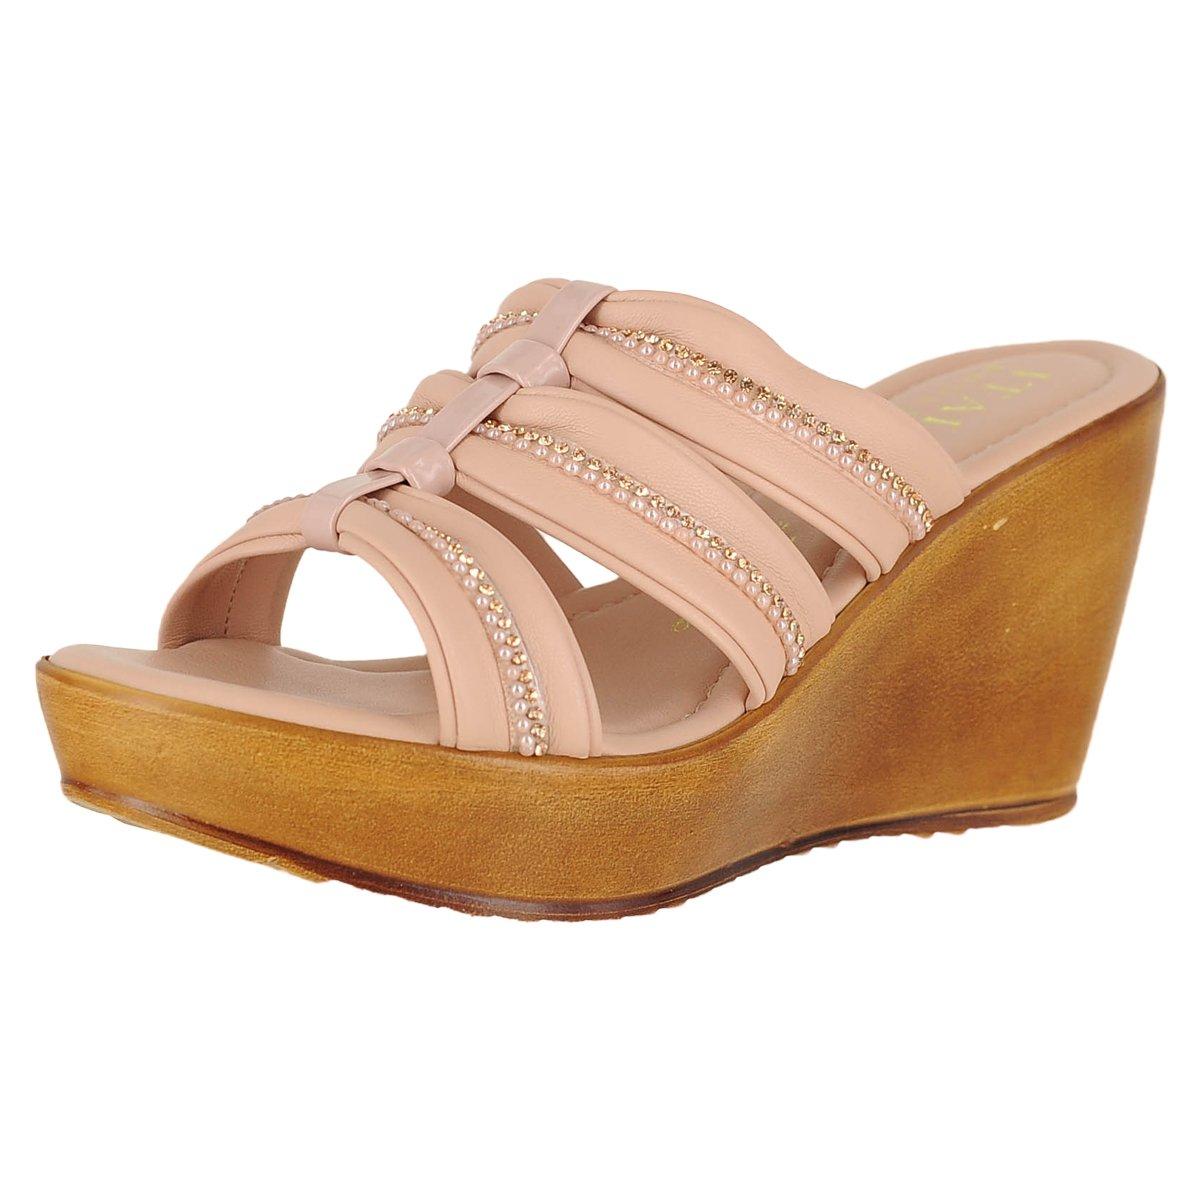 ITALIAN Shoemakers Women's Wedge Sandals - 5516S8 B07BDQSKMQ 10 B(M) US Powder